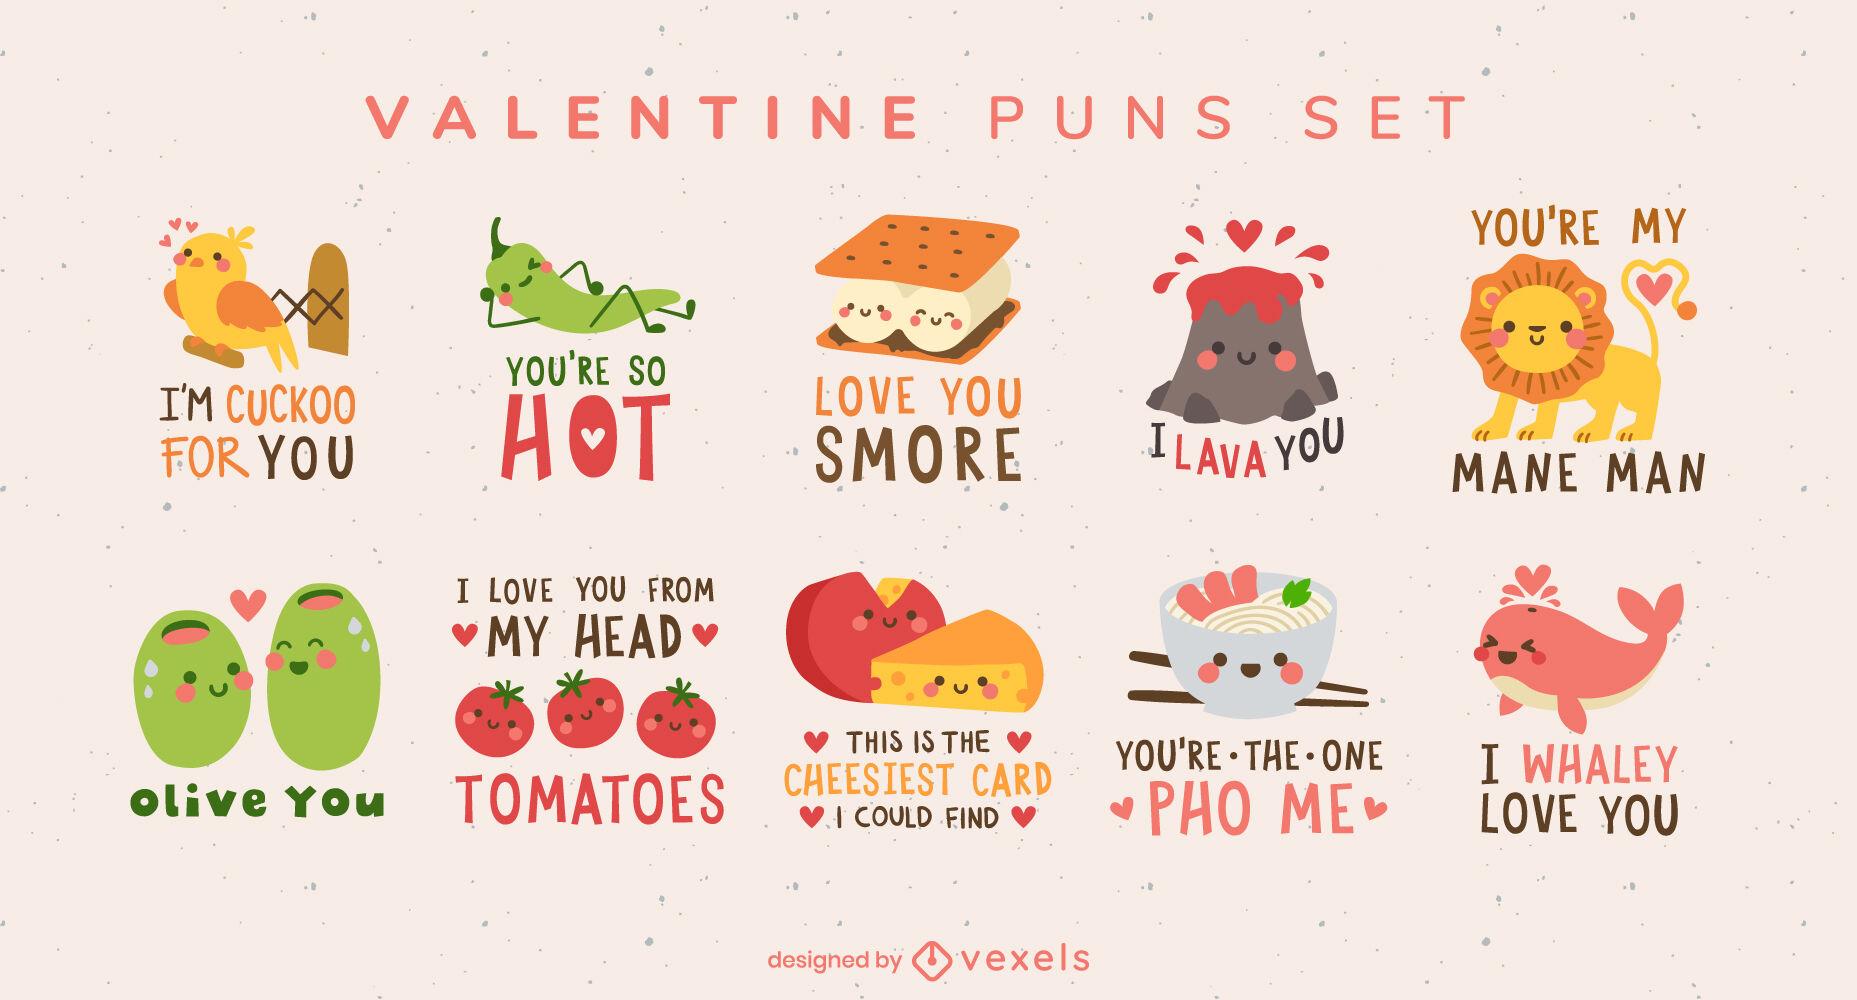 Satz von Wortspielzitaten zum Valentinstag